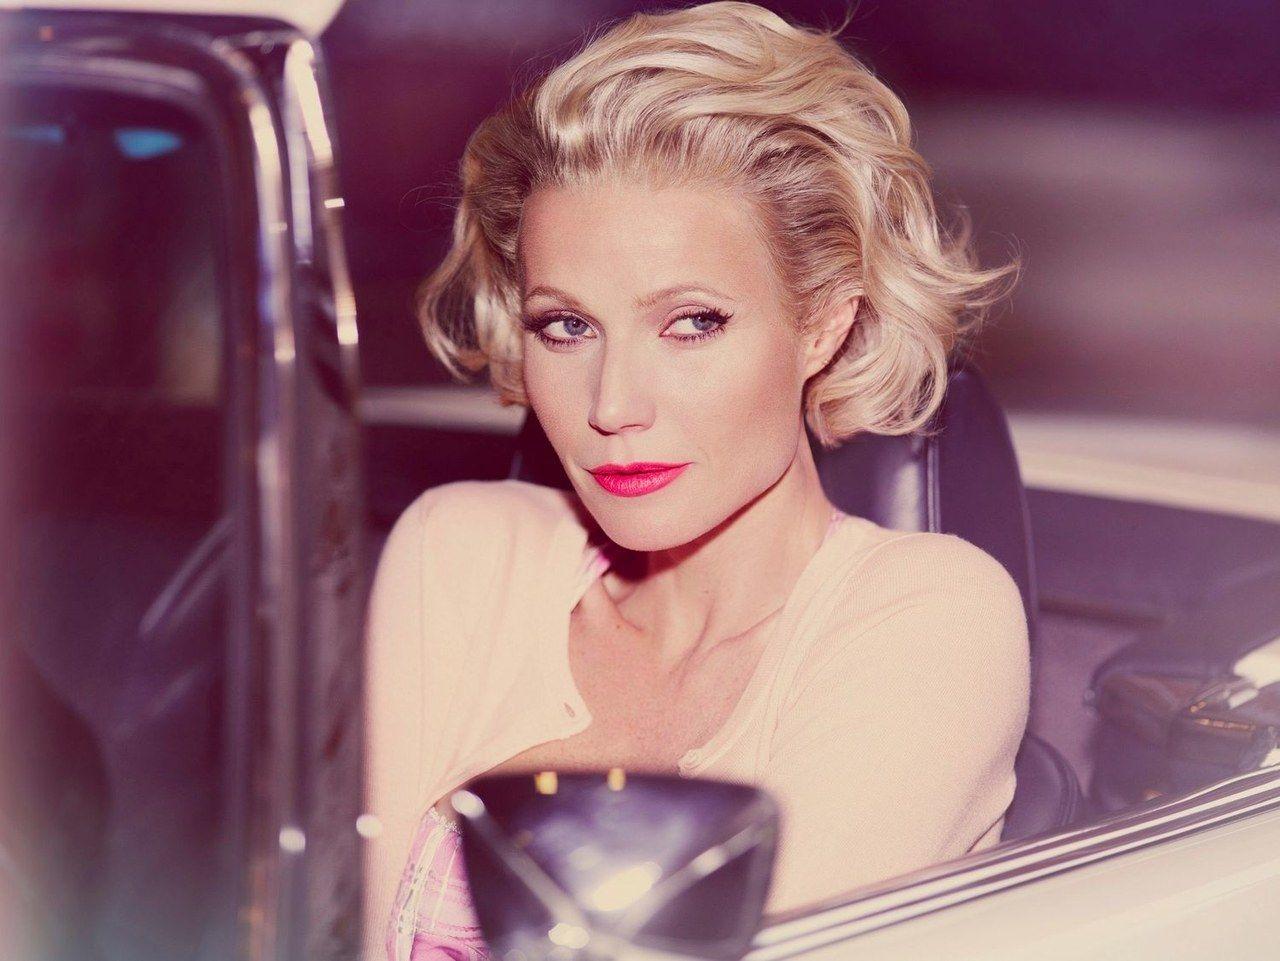 Beauty 2014 11 Gwyneth Paltrow Marilyn Monroe Maing 1280961